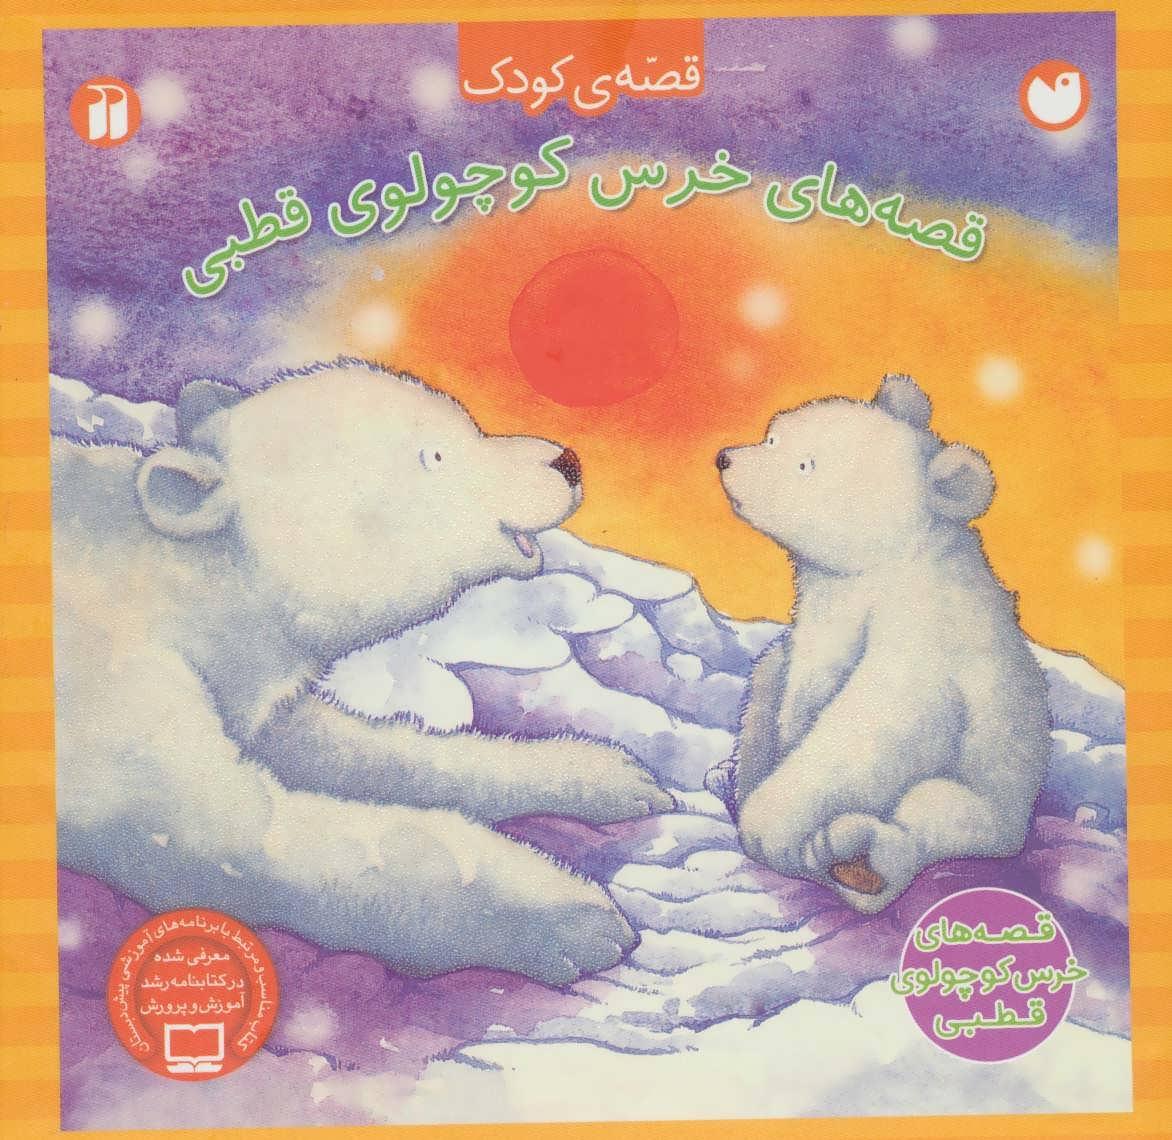 مجموعه قصه های خرس کوچولوی قطبی (4جلدی)